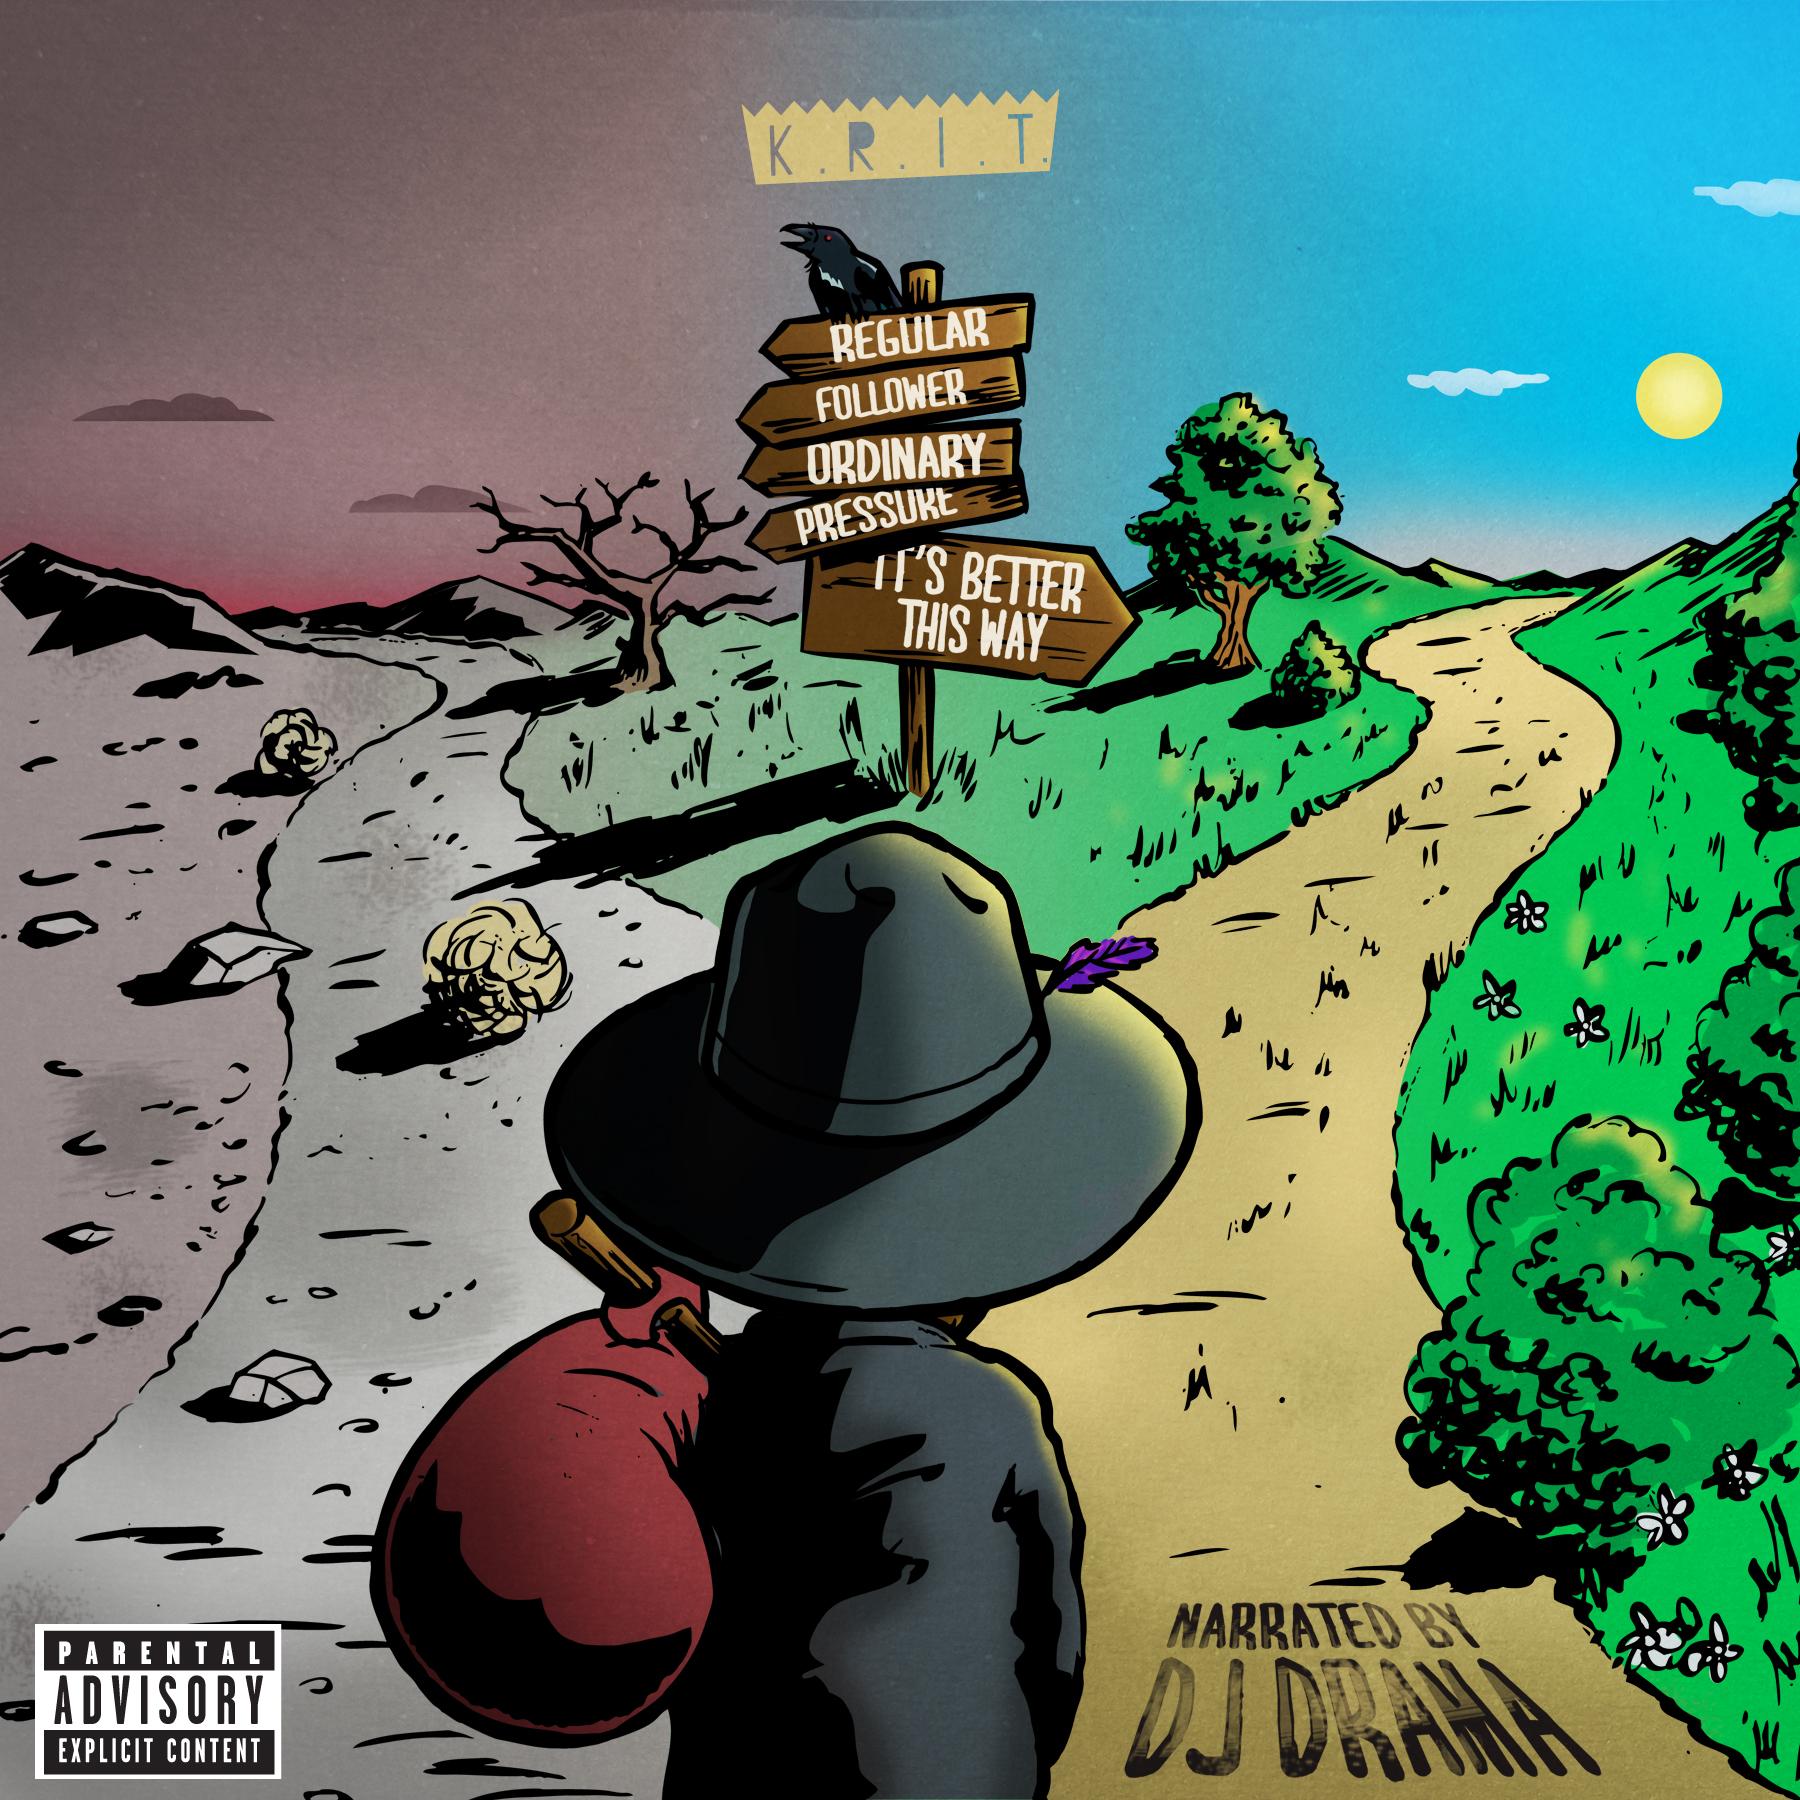 Big krit mixtape free download